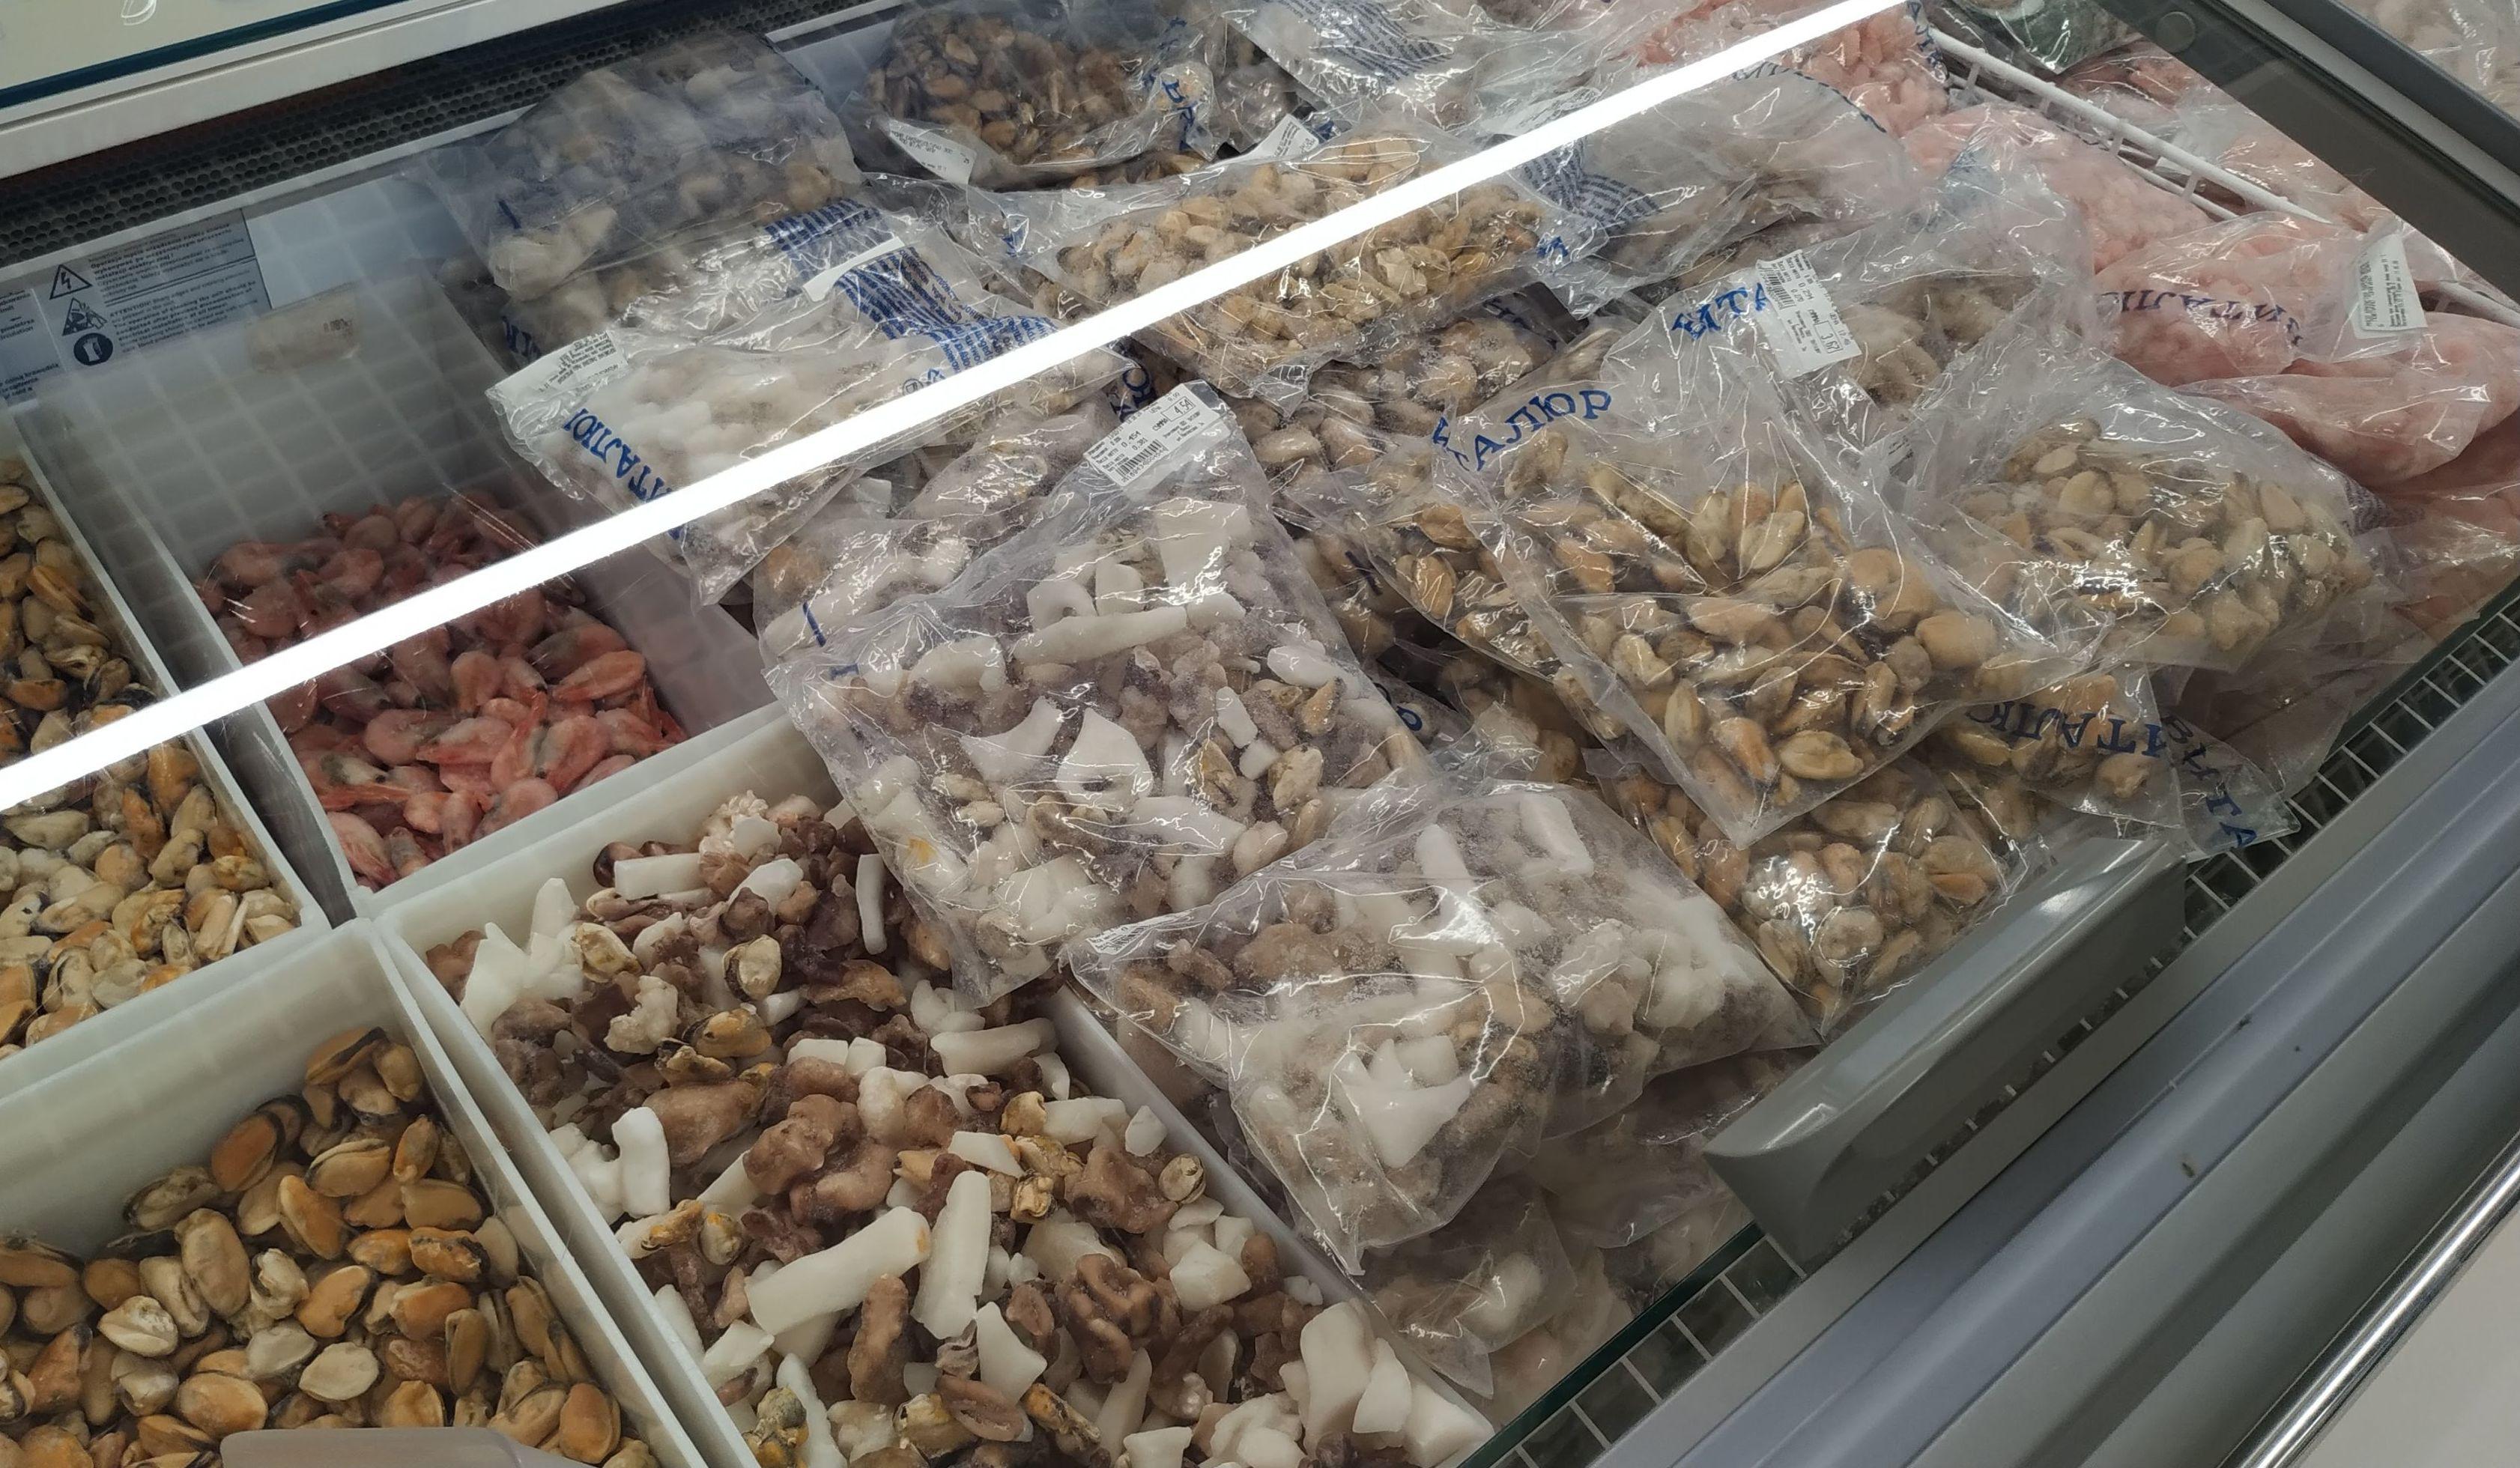 Пенсионерка иногда покупает мидии - из них можно приготовить вкусное ризотто, и кальмары - чтобы добавлять в салат